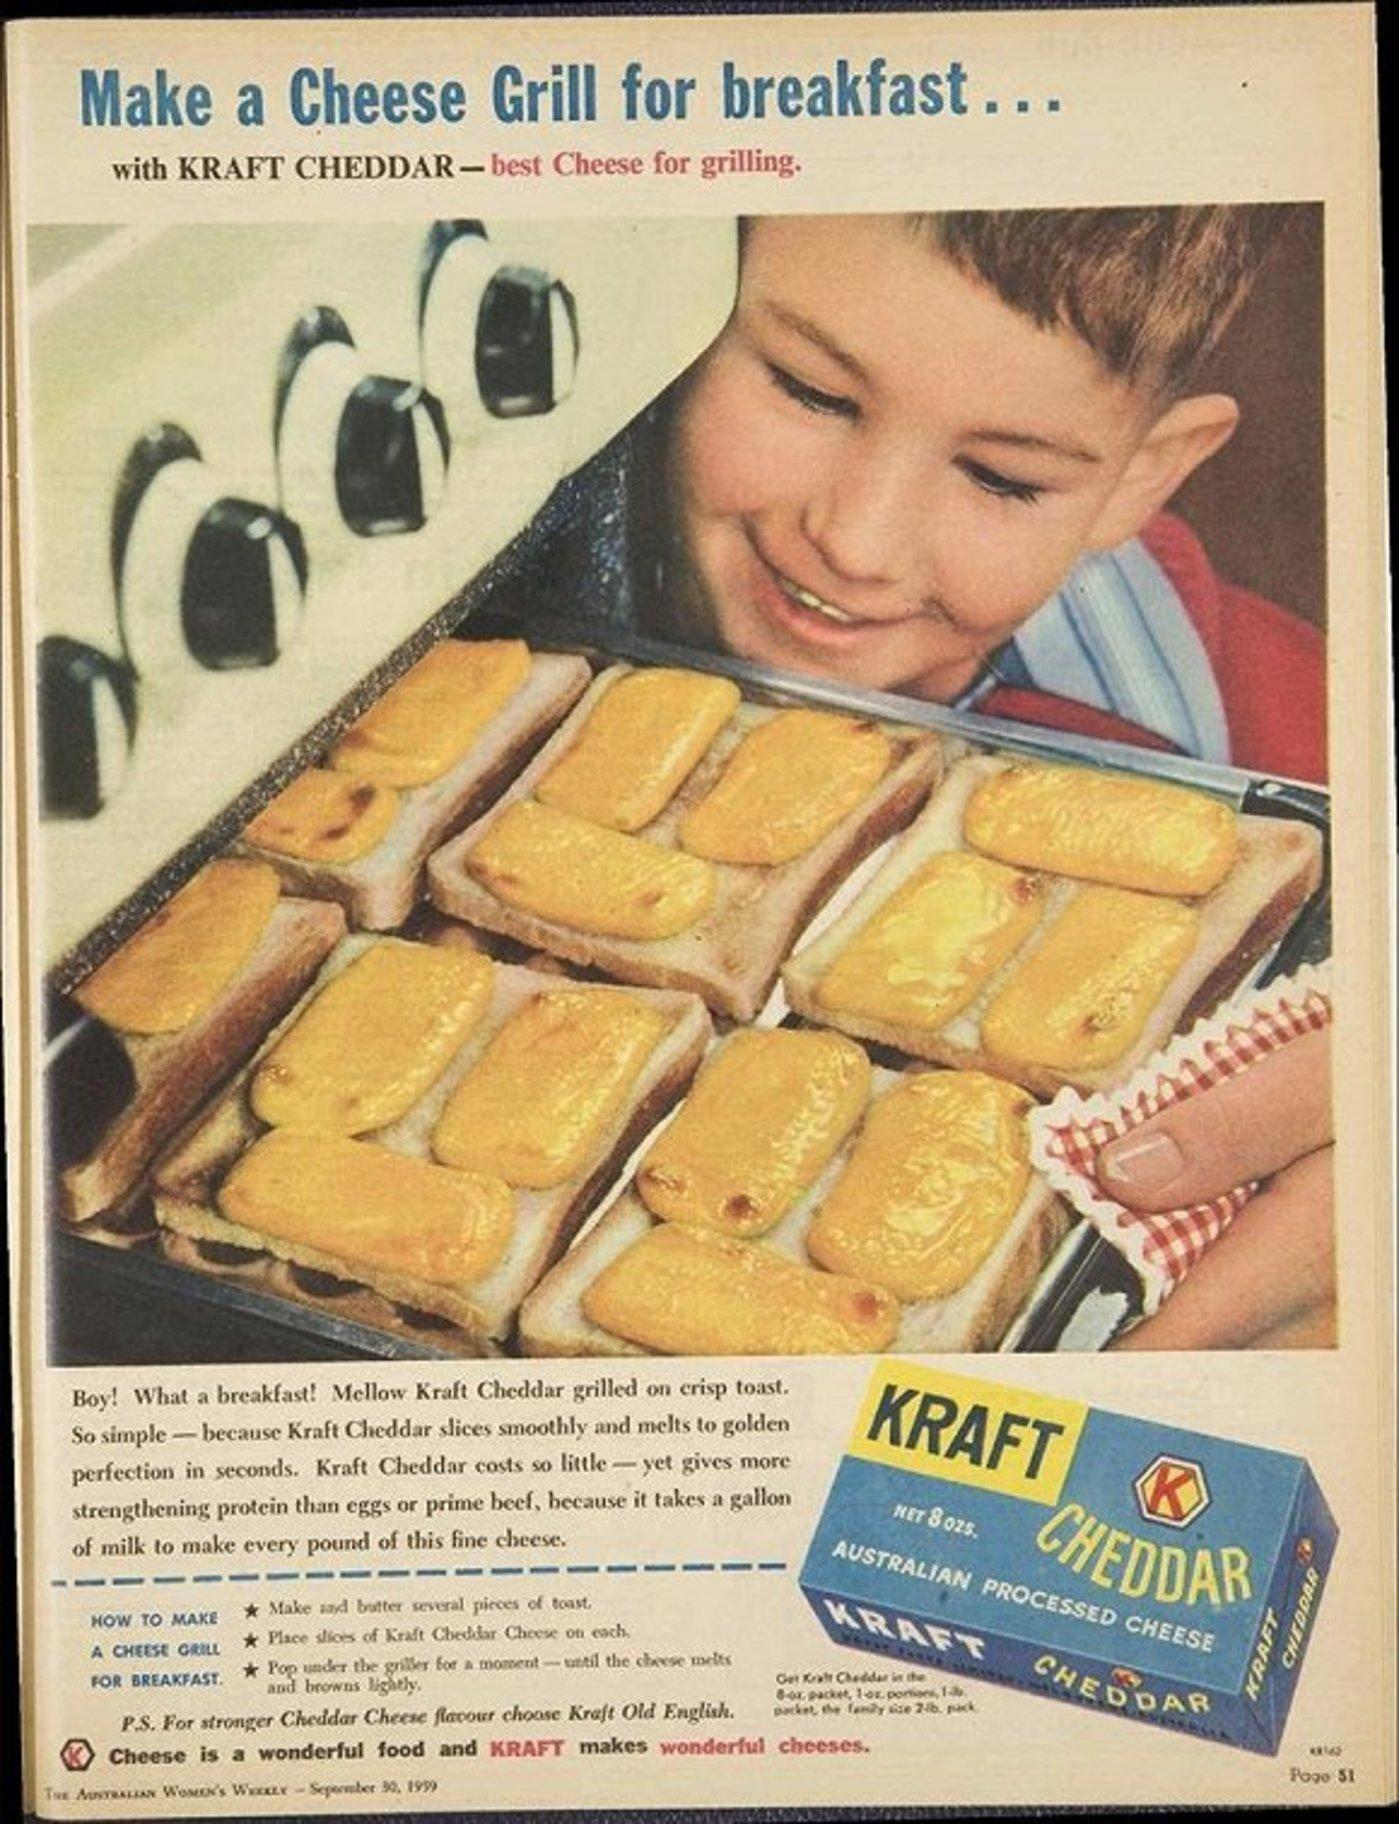 1959年的卡夫奶酪广告